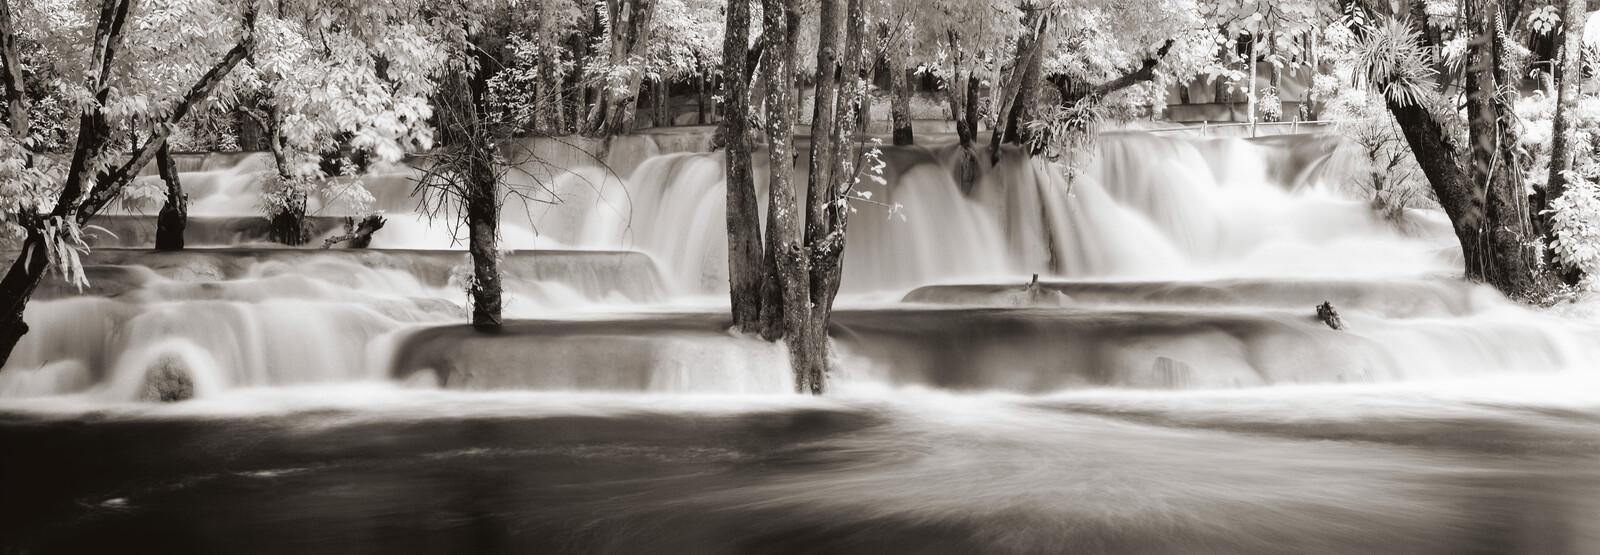 Tad Se, Luang Prabang, Laos - Helmut Hirler